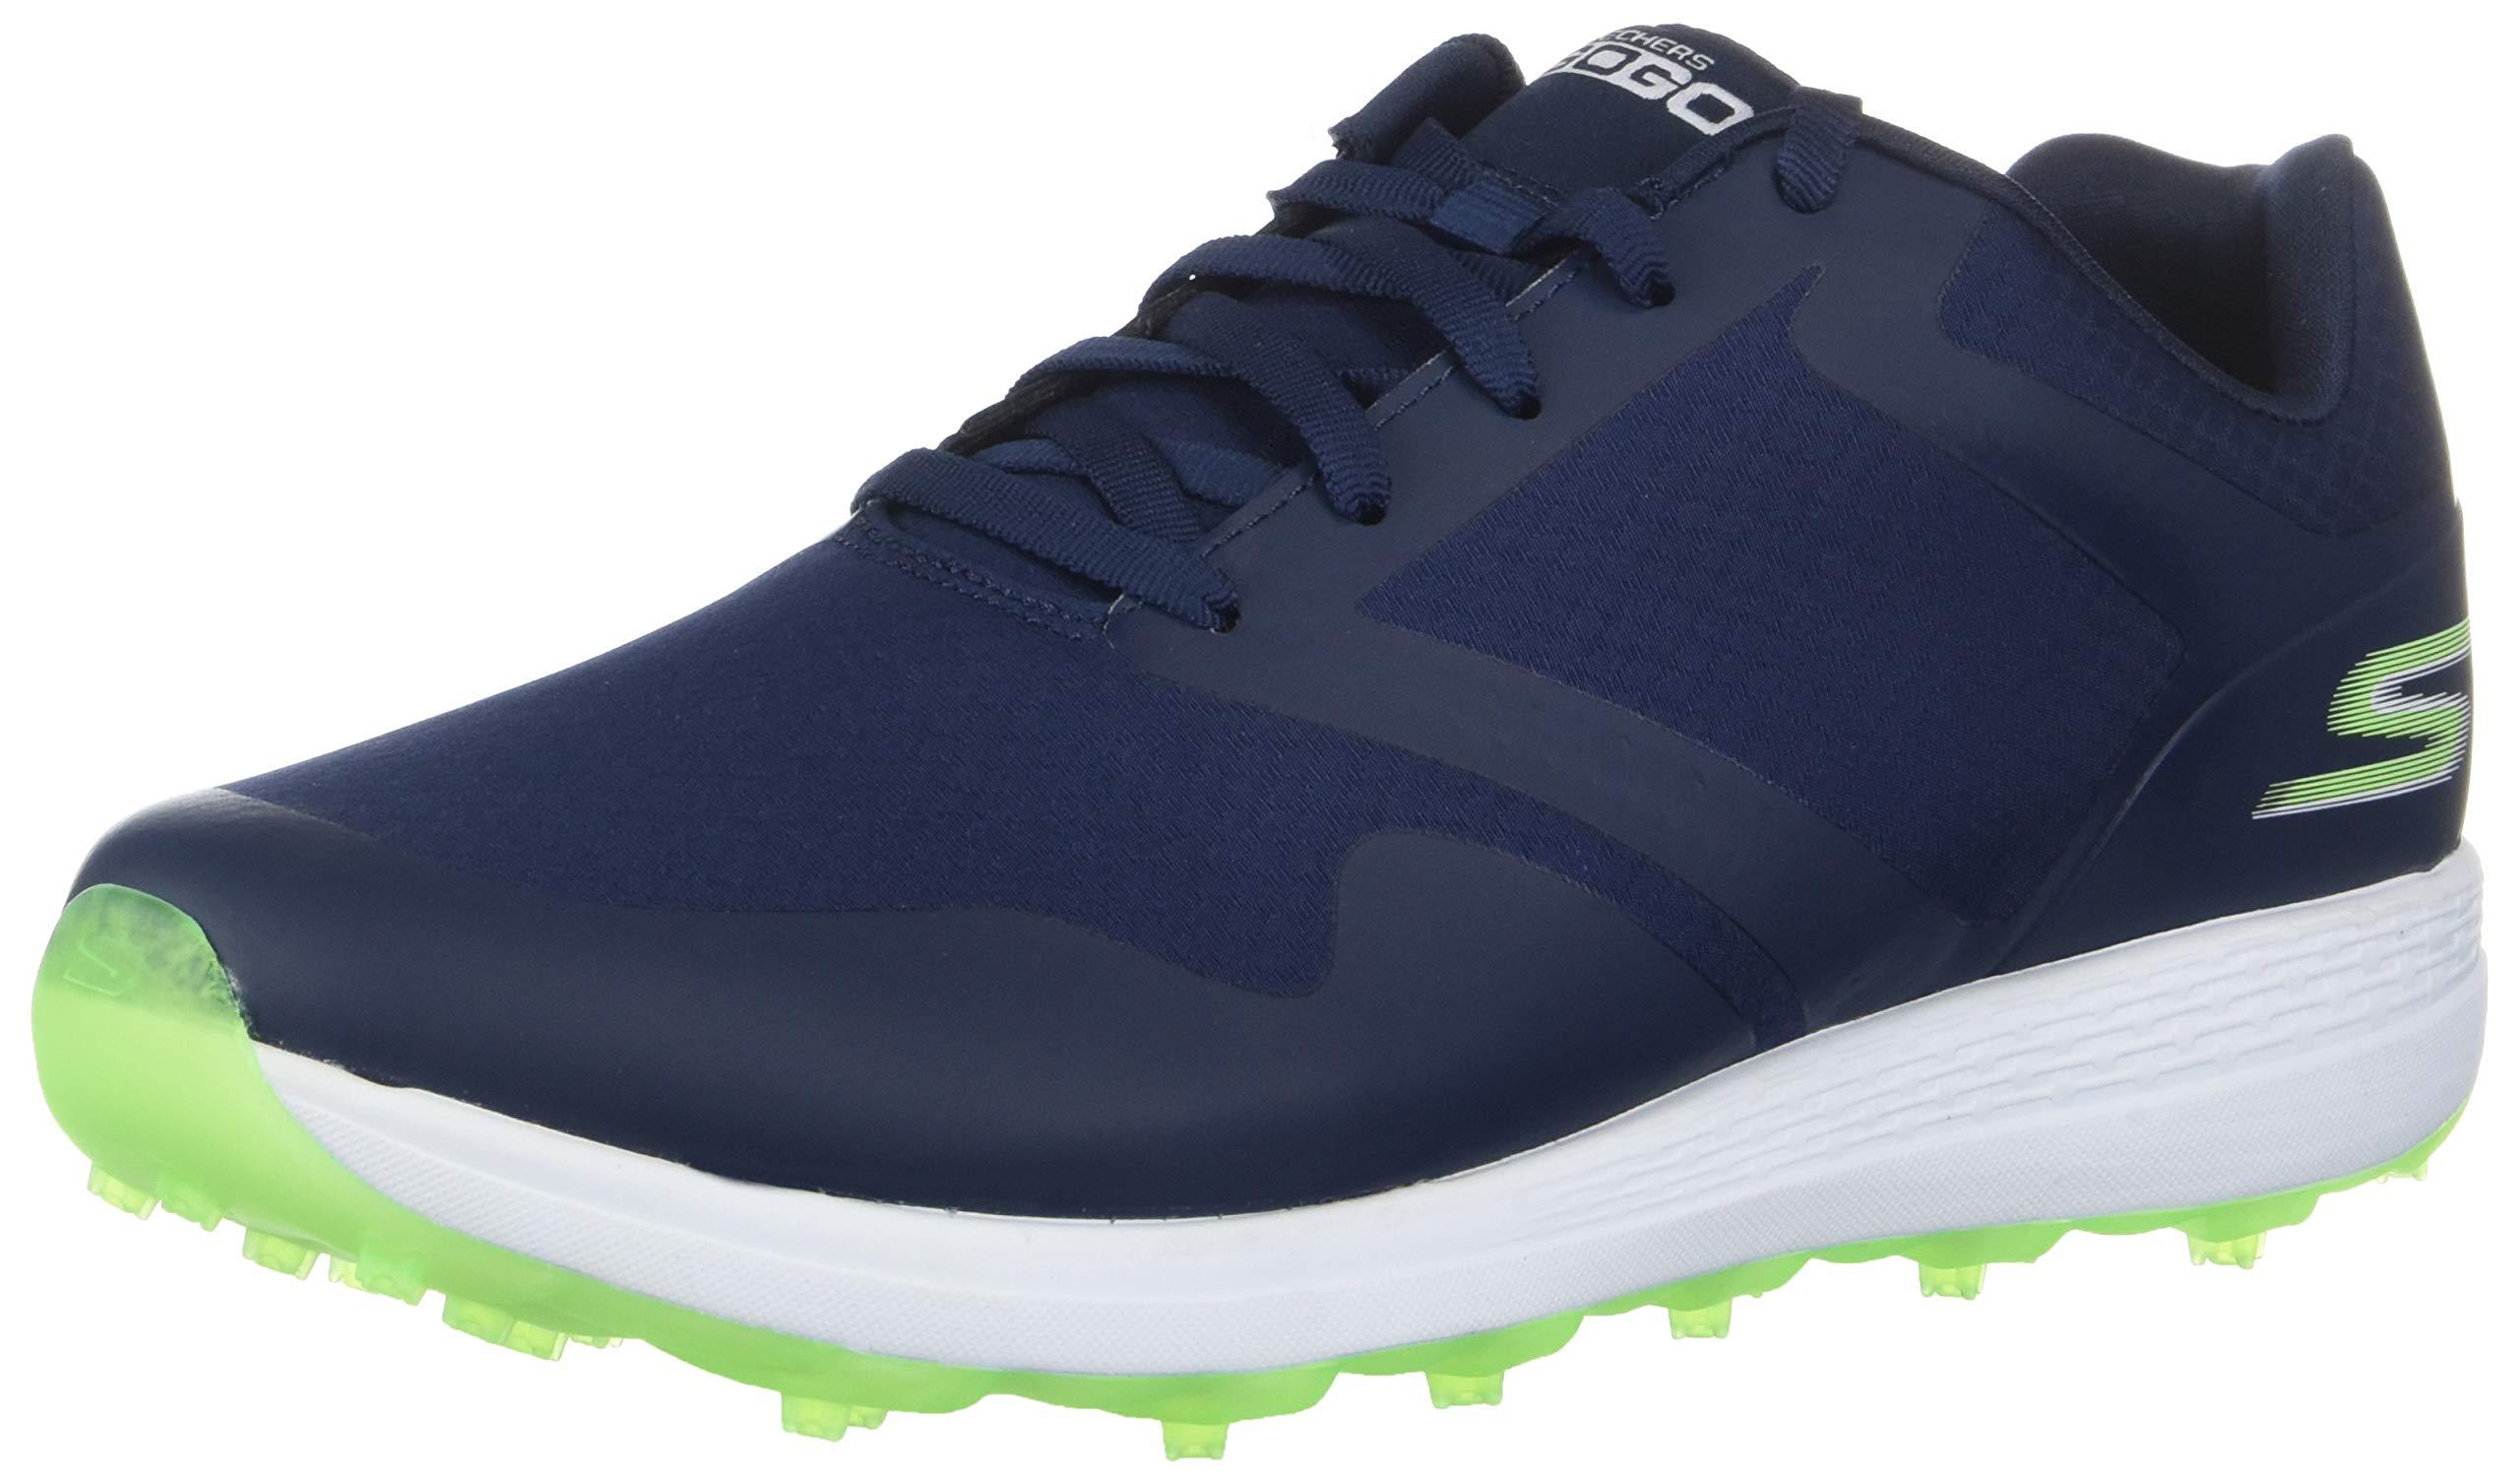 Skechers Women's Max Golf Shoe, Navy/Green, 8 W US by Skechers